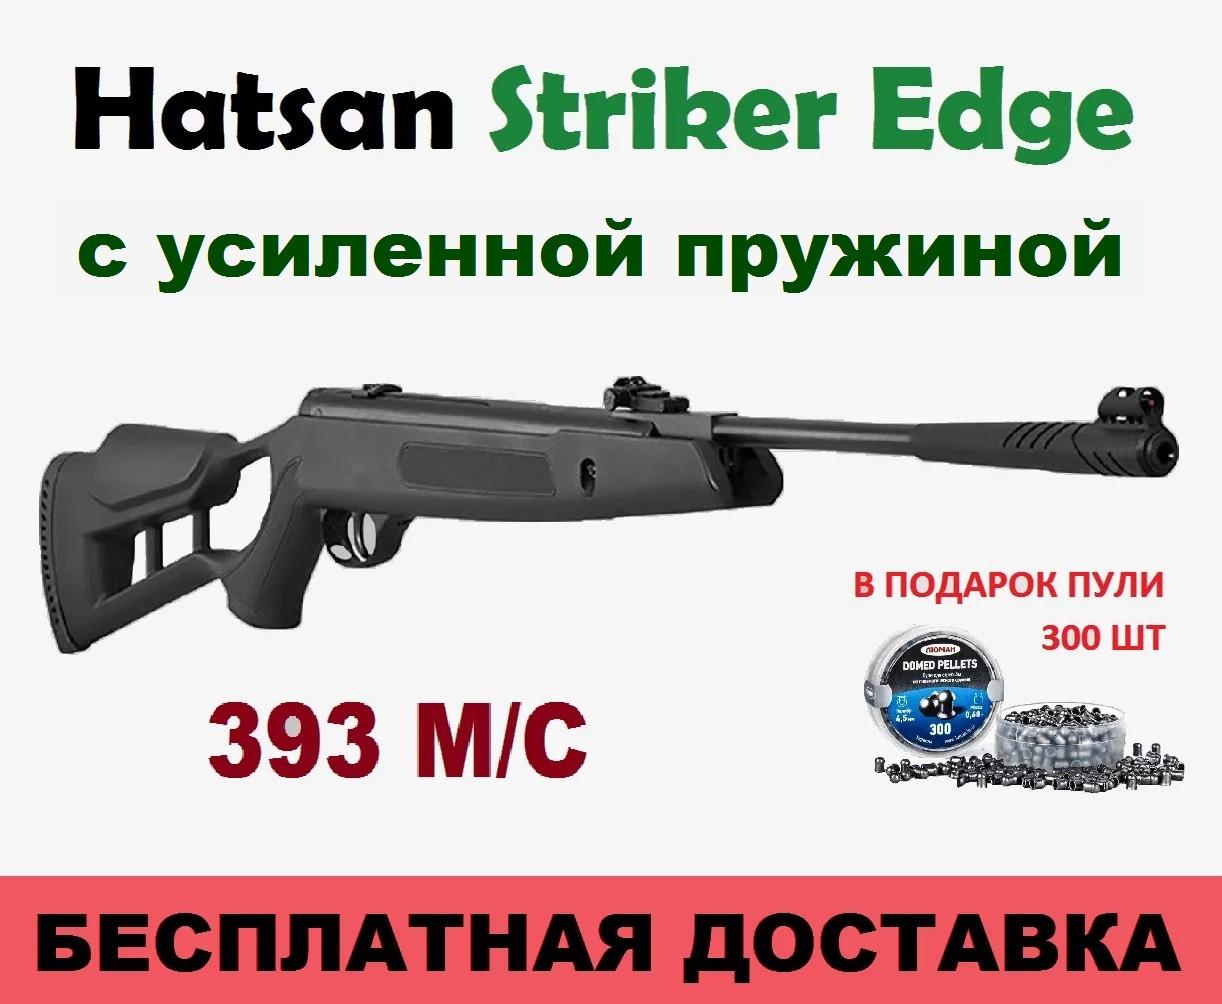 Пневматическая винтовка Hatsan Striker Edge с усиленной пружиной 393 м/с, мощная воздушка хатсан страйкер эдж